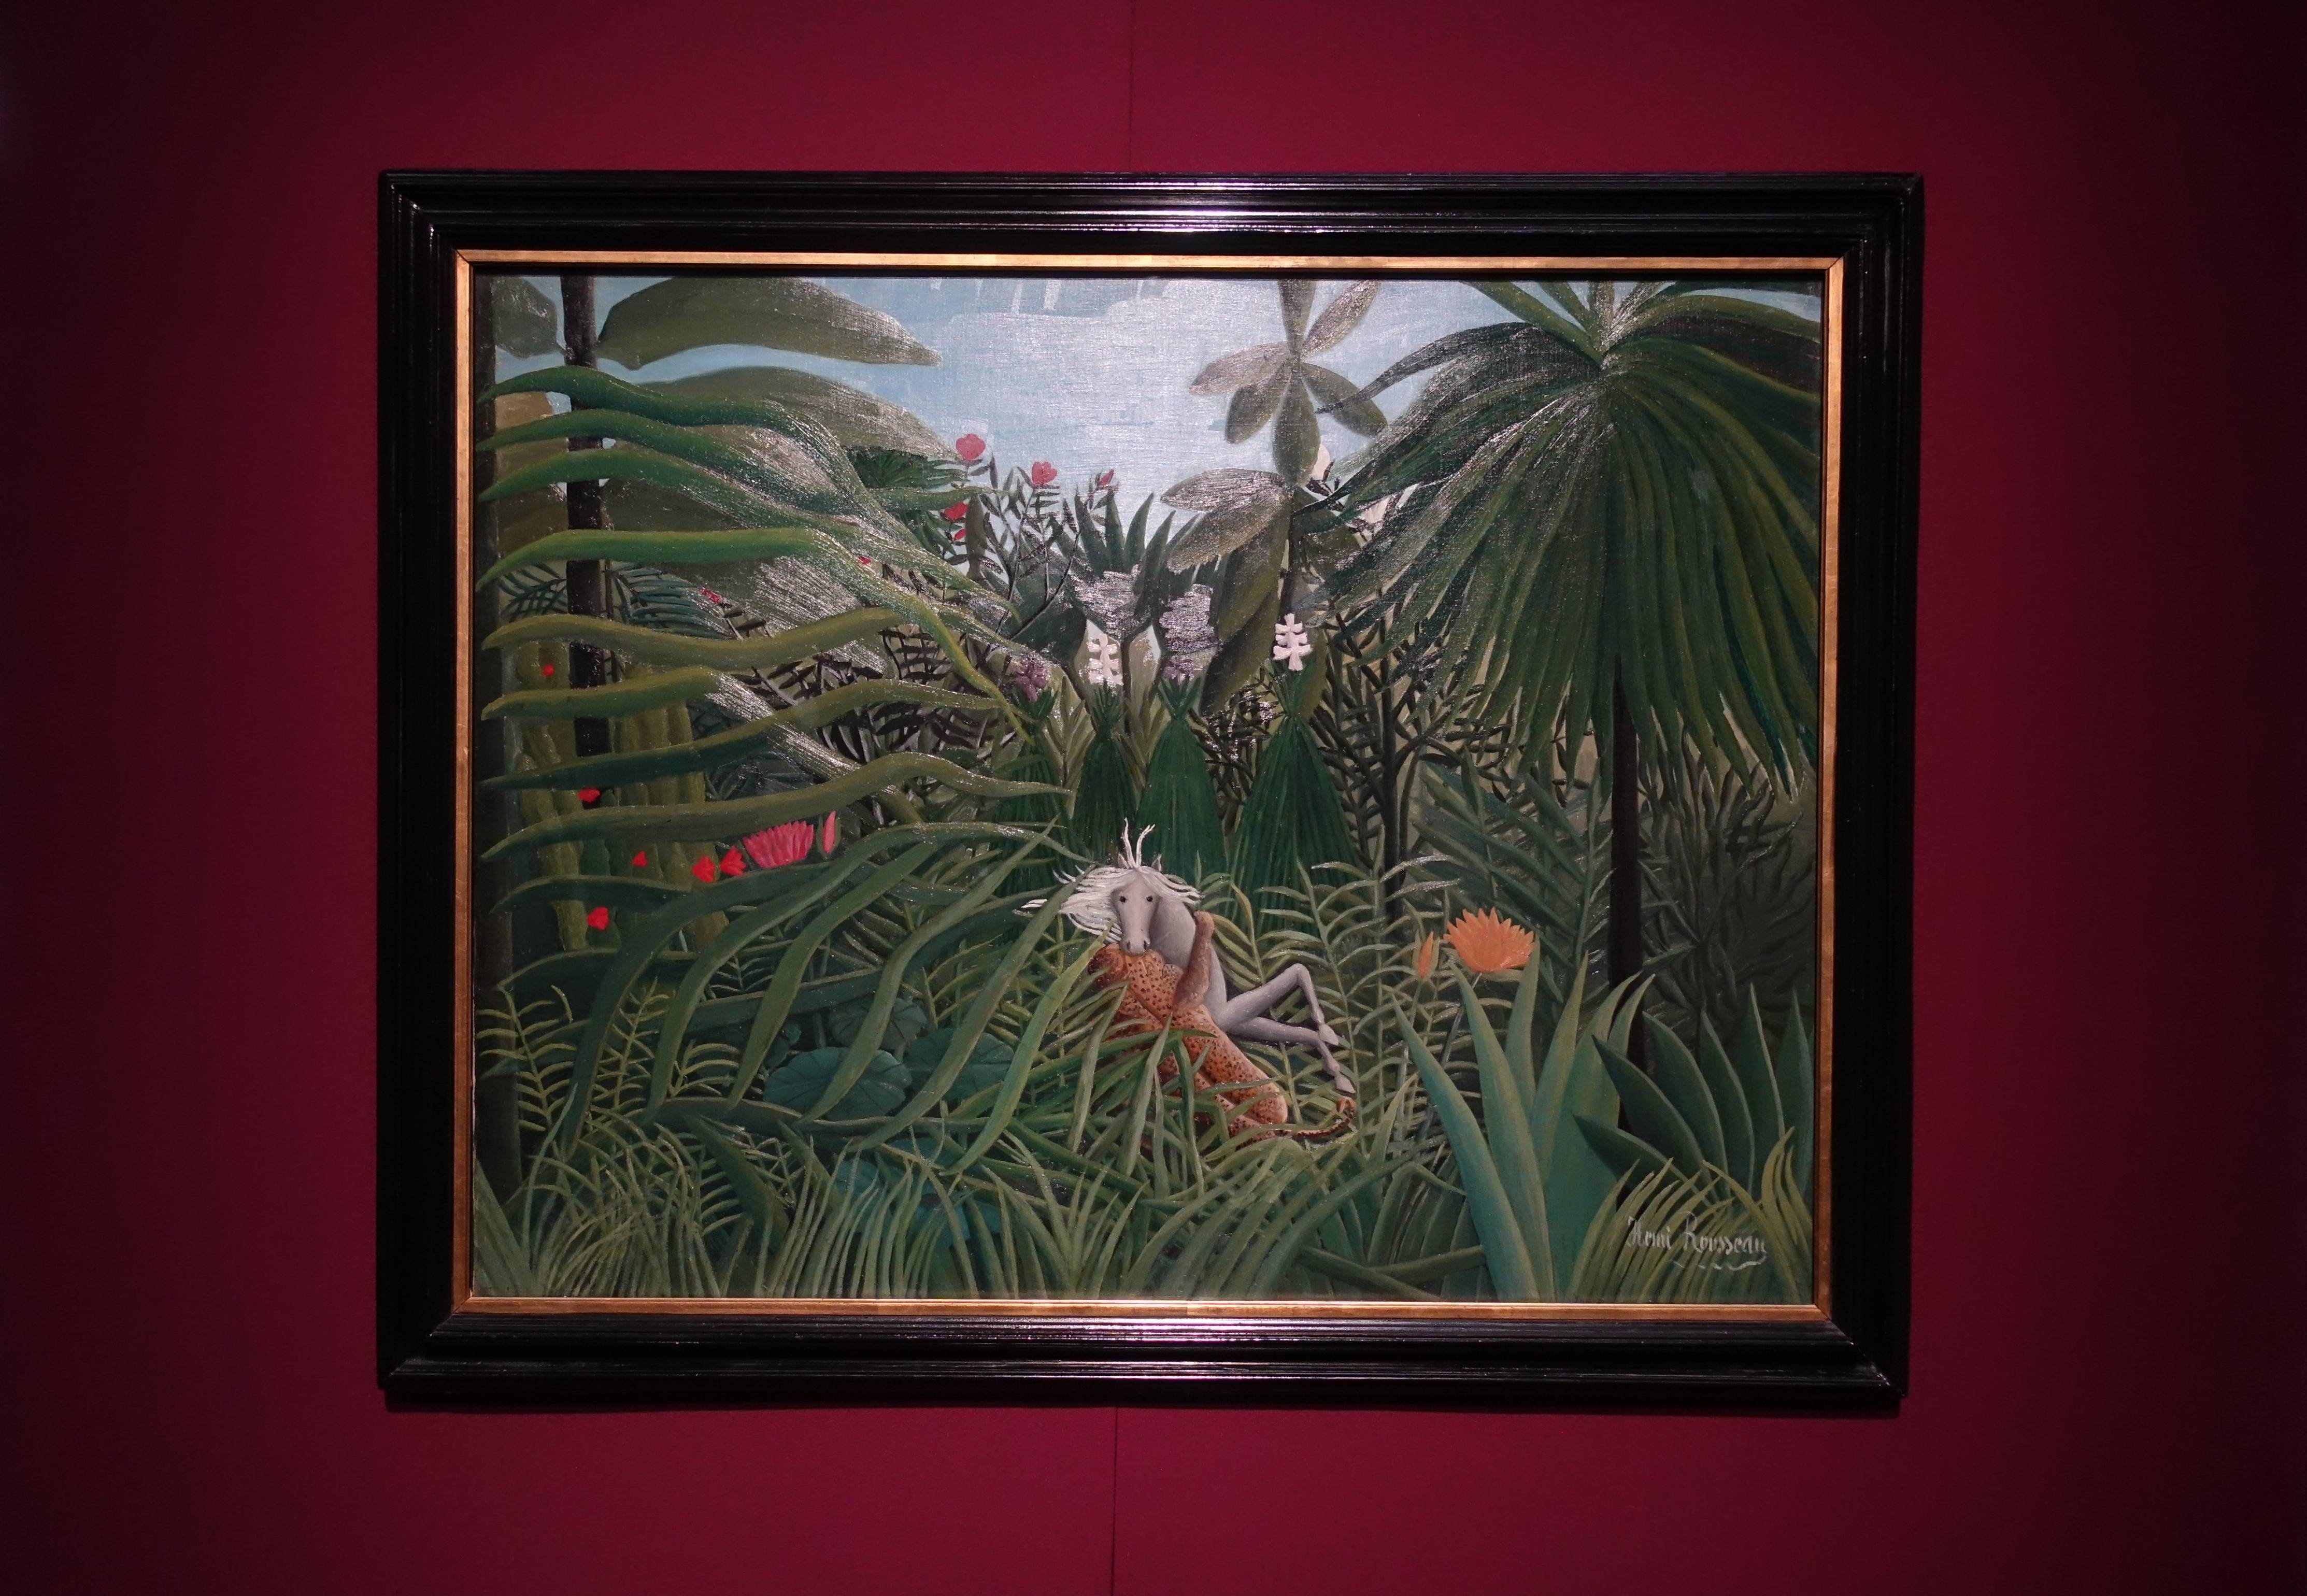 亨利‧盧梭 Henri Rousseau ,《美洲豹正在襲擊一匹馬 Jaguar Attacking a Horse》,油彩、畫布 Oil on canvas,1910。